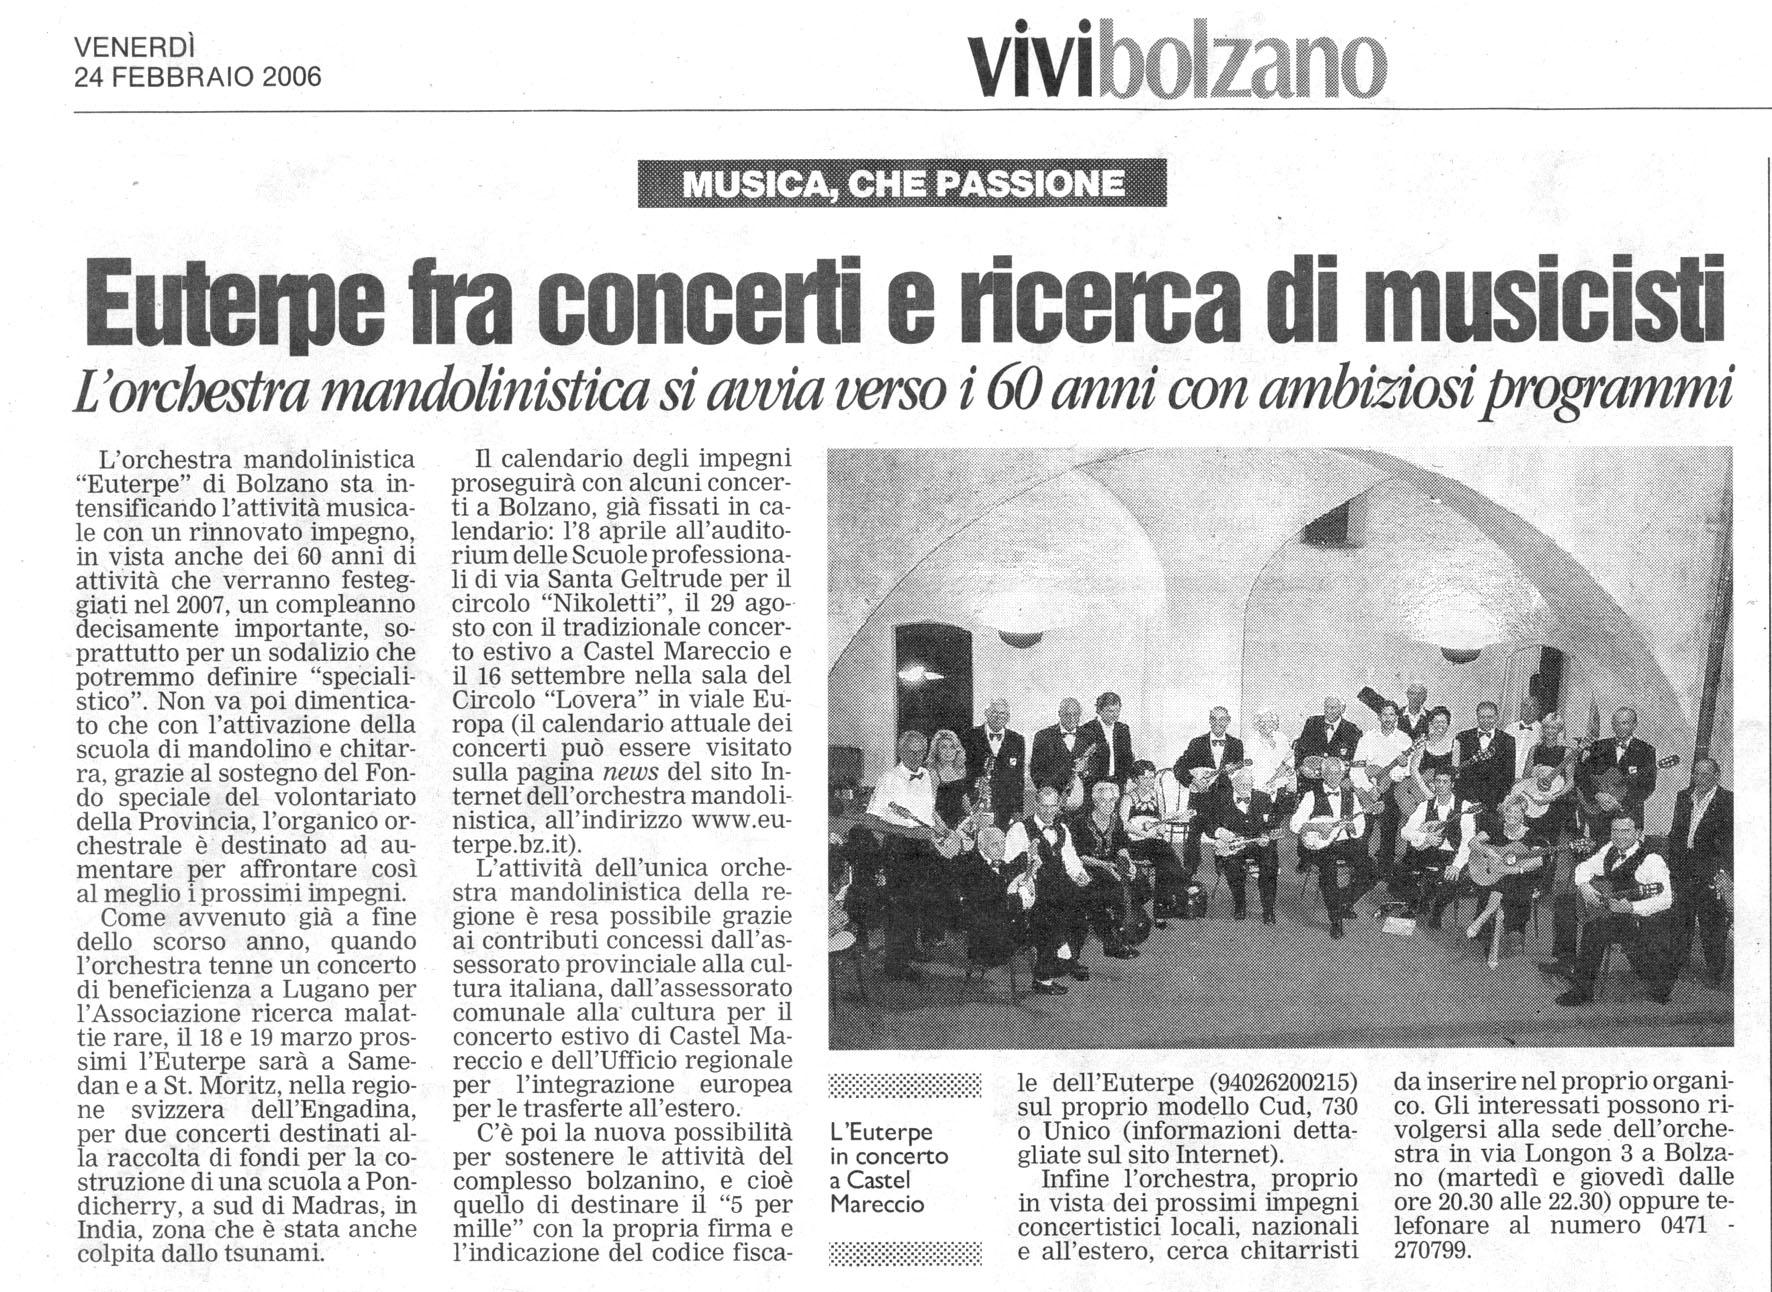 Circolo mandolinistico euterpe mandolinenensemble for Necrologi defunti bolzano giornale alto adige